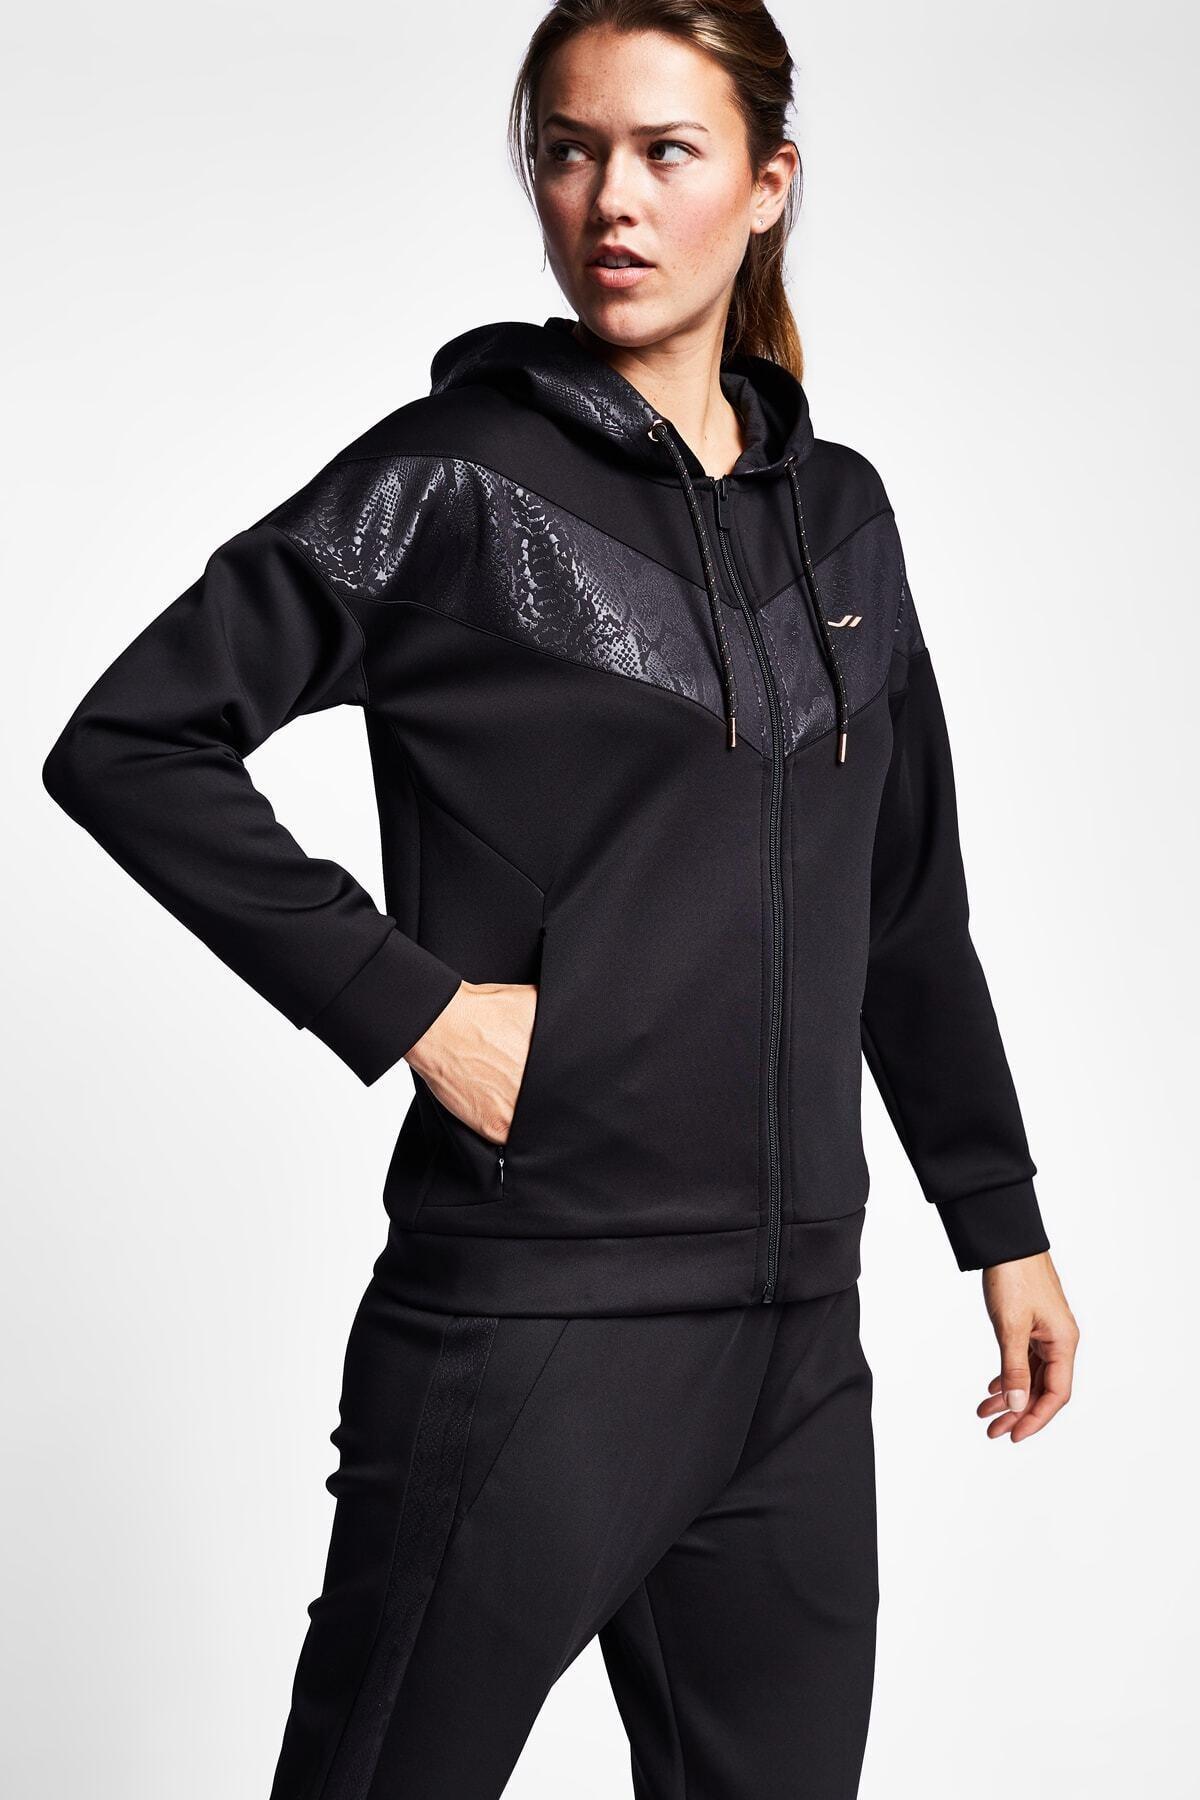 Lescon Kadın Sweatshirt - 19n-2118 - 19ntbs002118-633 1